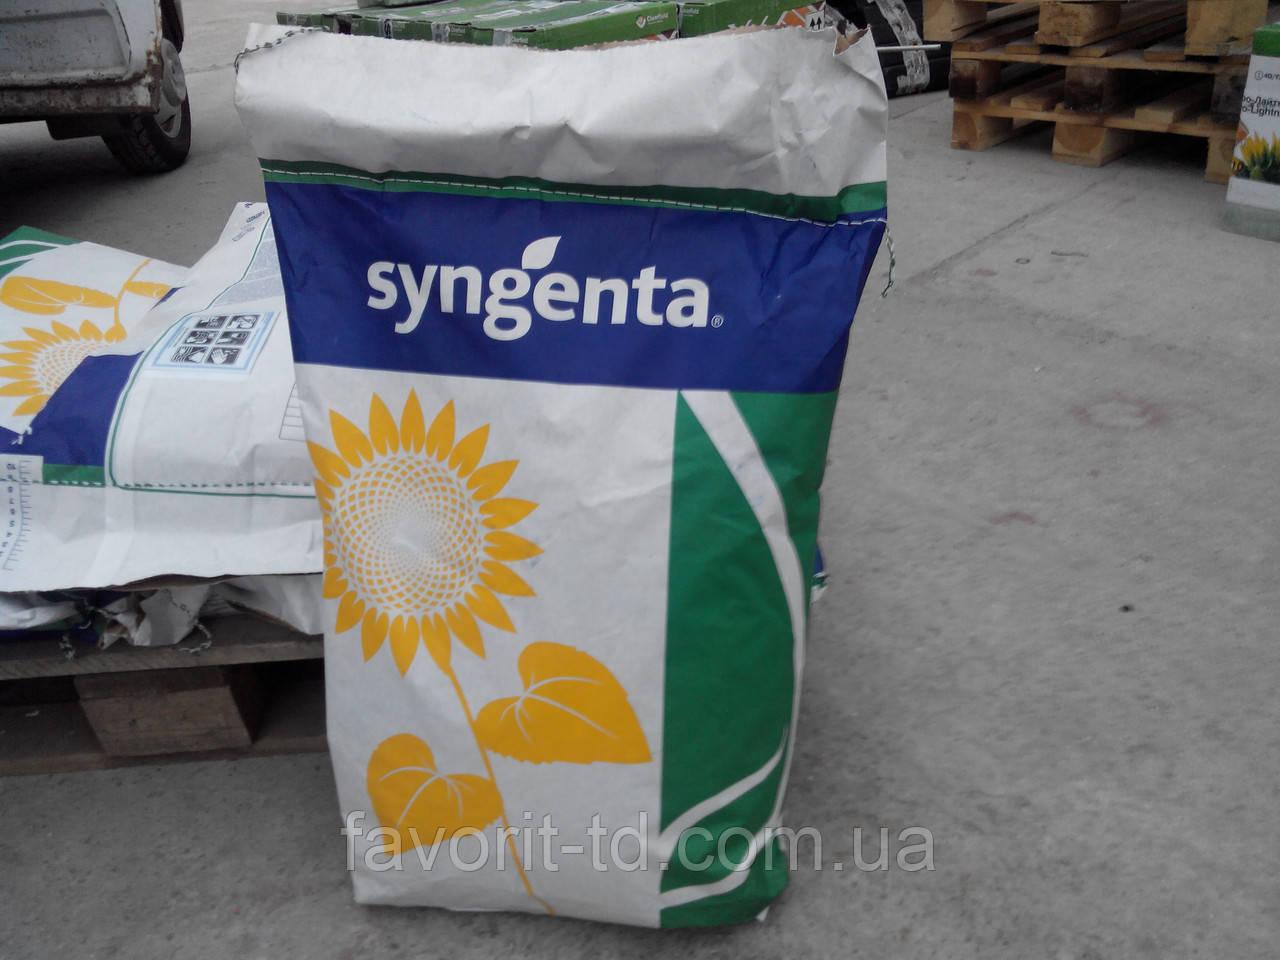 Подсолнух Syngenta NK Brio купить в Украине и Кировоградской области. Доставка бесплатная. Цены ниже рыночных.